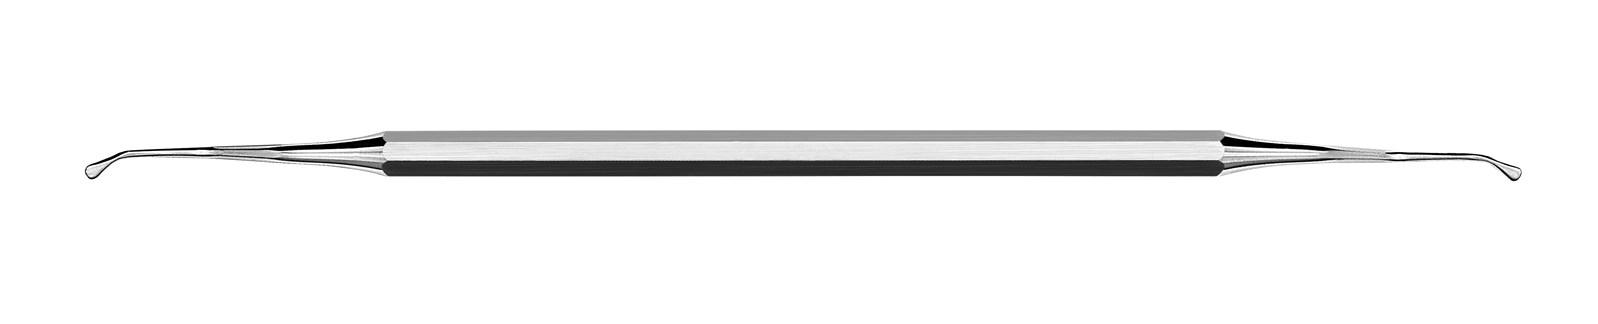 Nůž pro tunelovou techniku - TKP, ADEP šedý